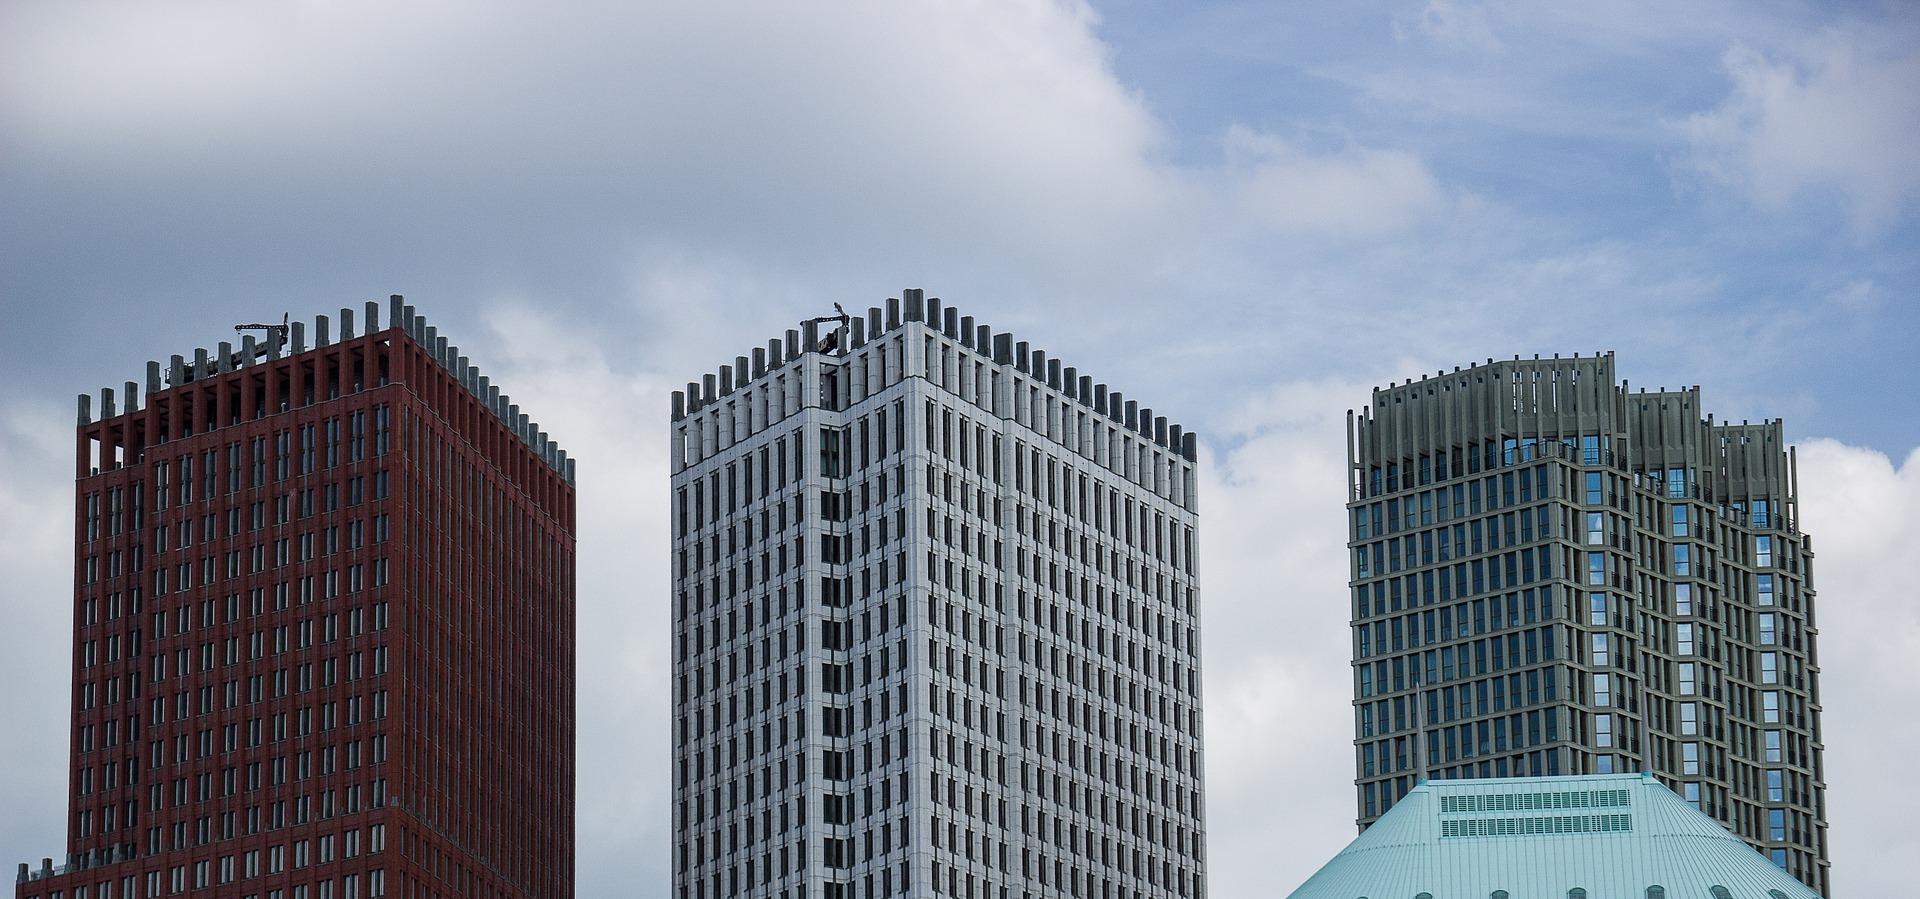 Verhuurde Woning Verkopen in Den Haag